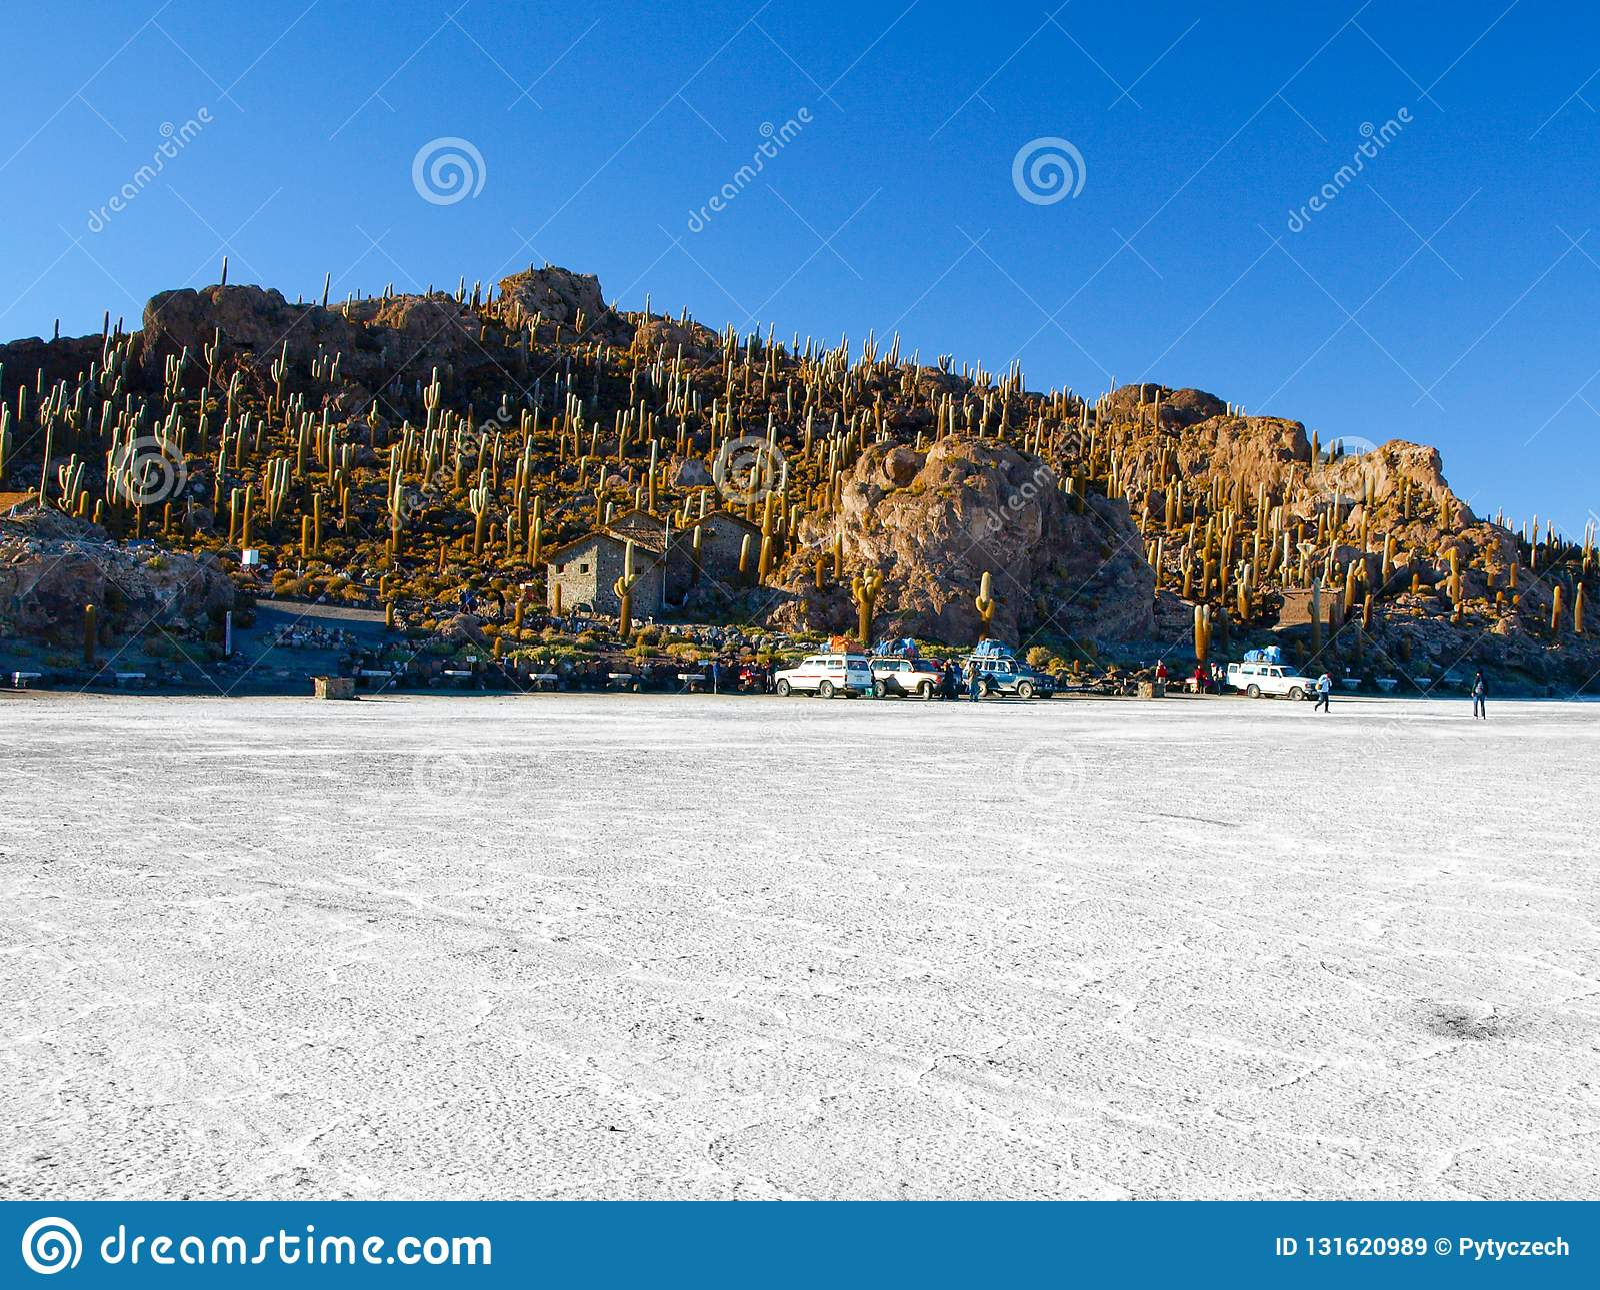 Isla Incahuasi oder Isla de Los Pescadores ist eine Insel mitten in Salar de Uyuni in Bolivien